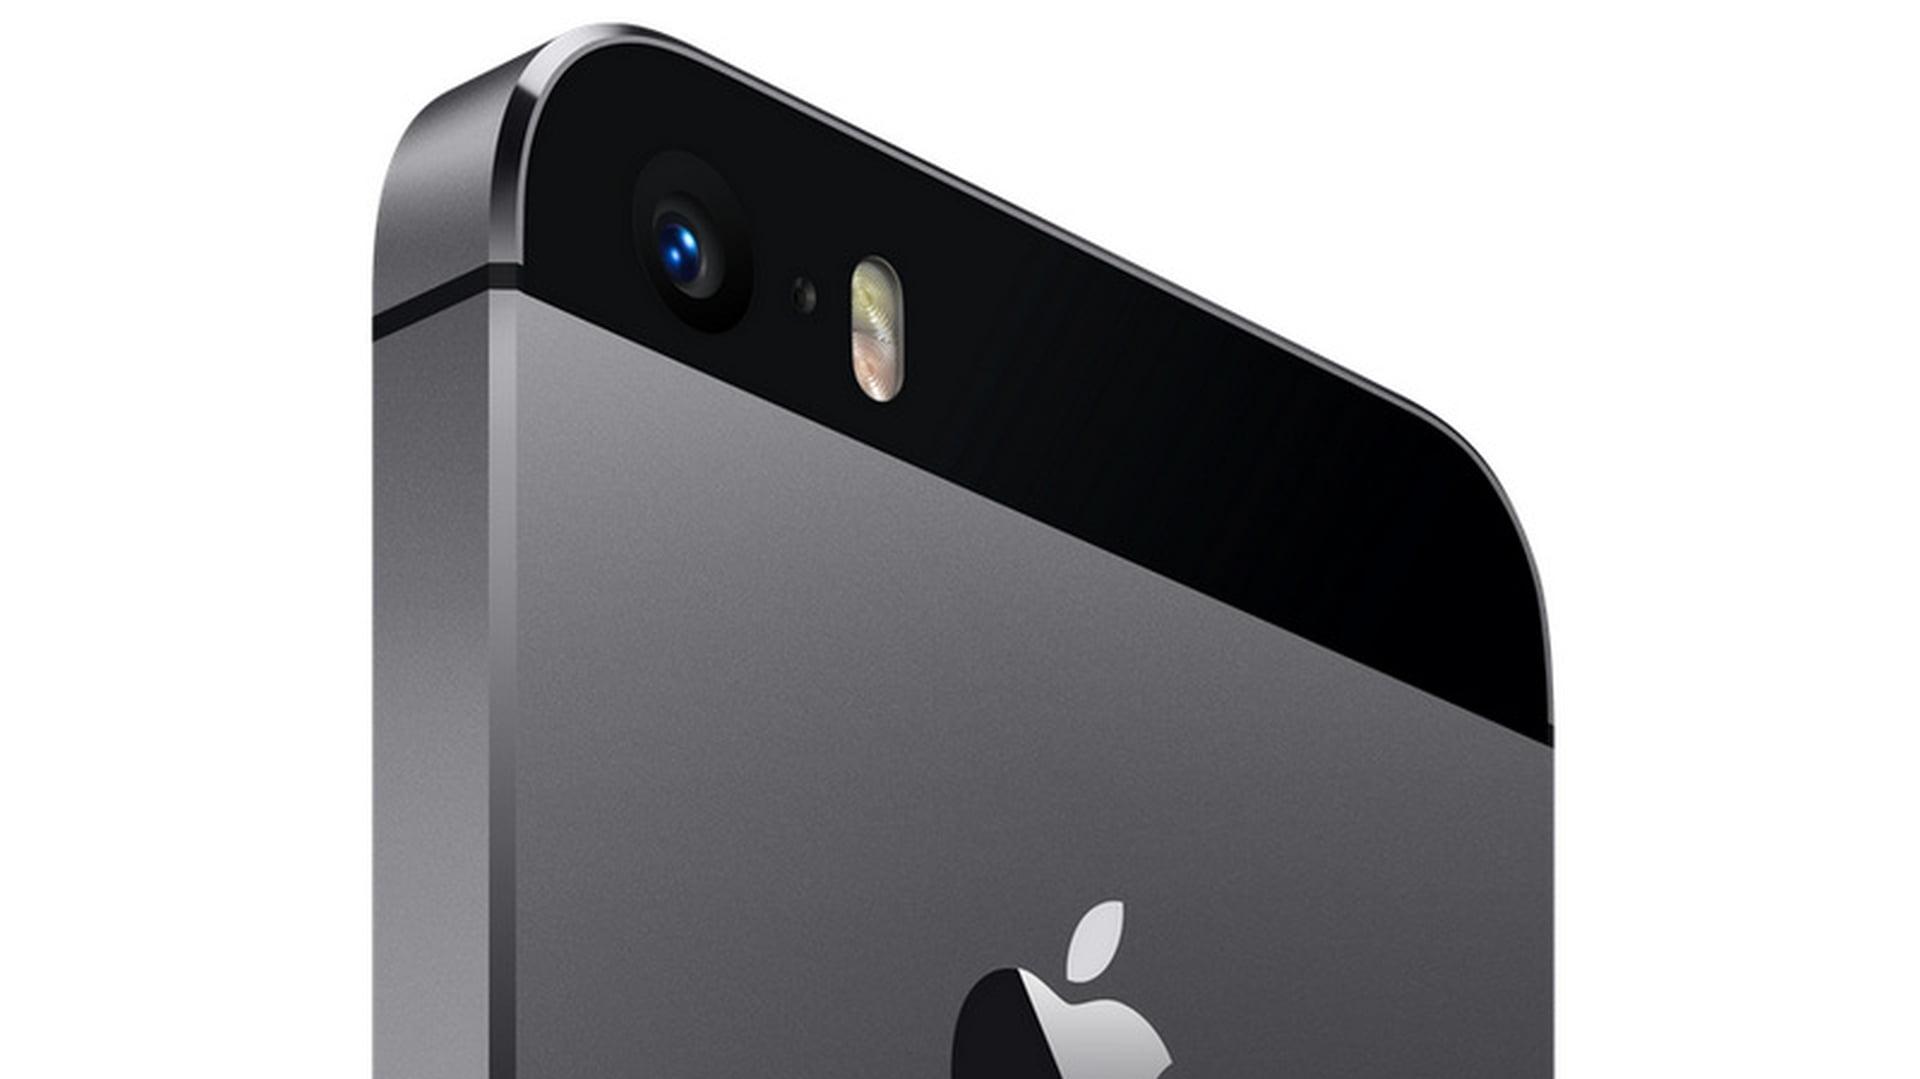 Zdjęcia prototypu iPhone'a 5s z ciemniejszą wersją obudowy